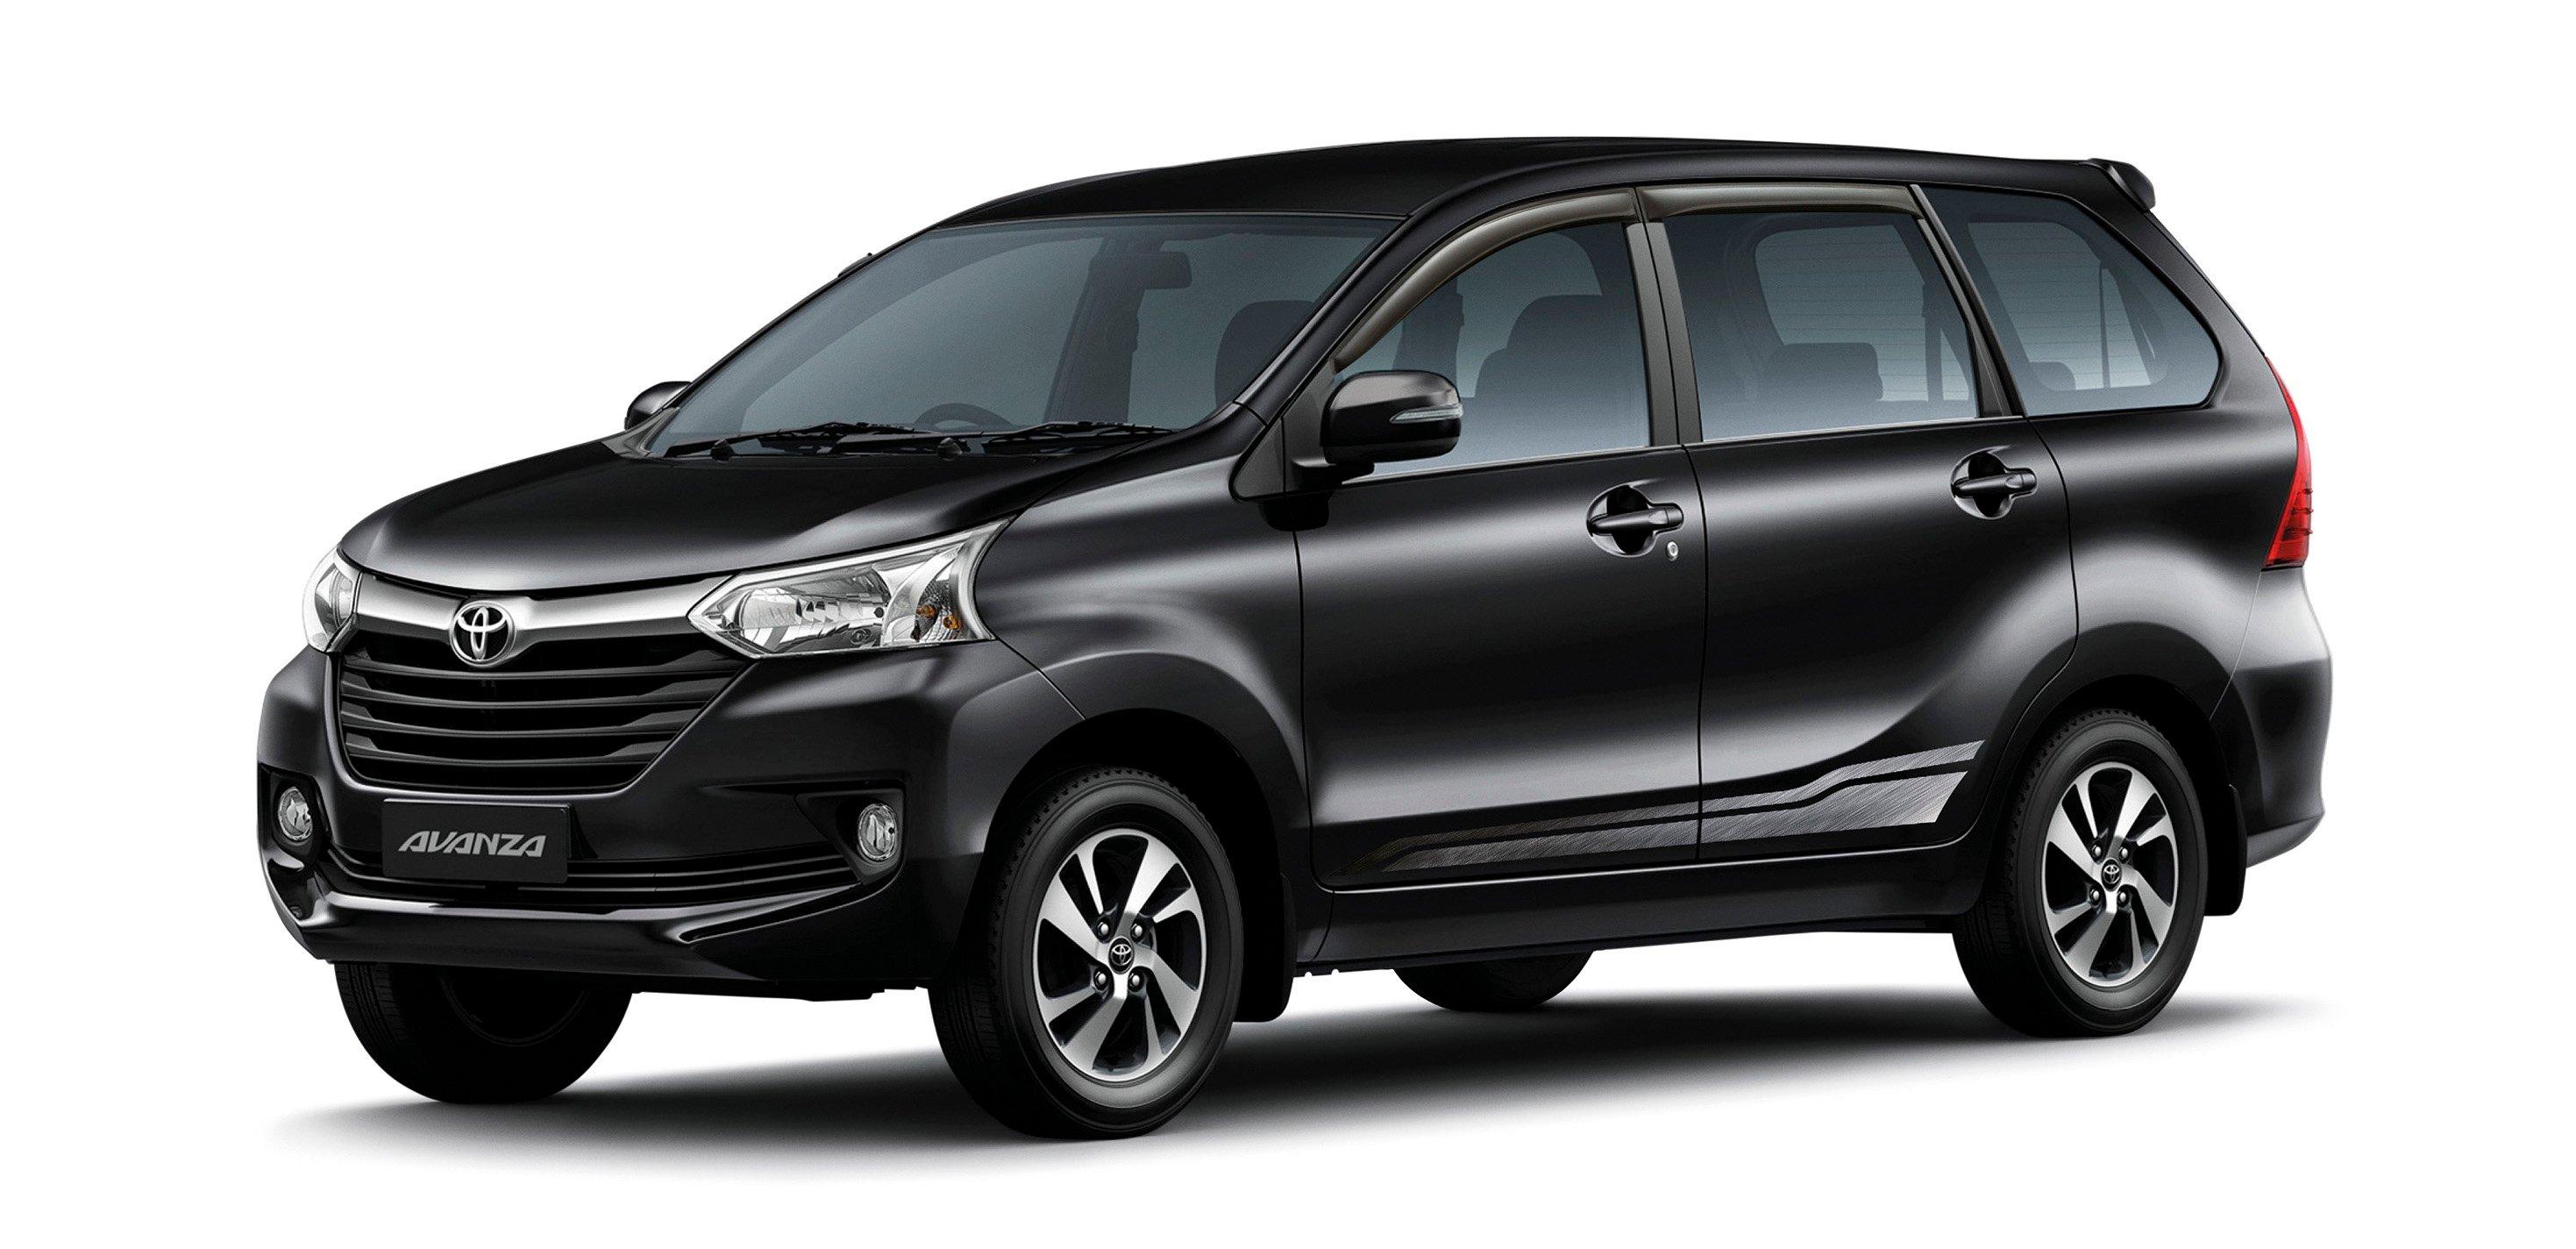 Avanza Toyota 2018 >> Toyota Avanza facelift appears on website, fr RM68k Paul Tan - Image 390052